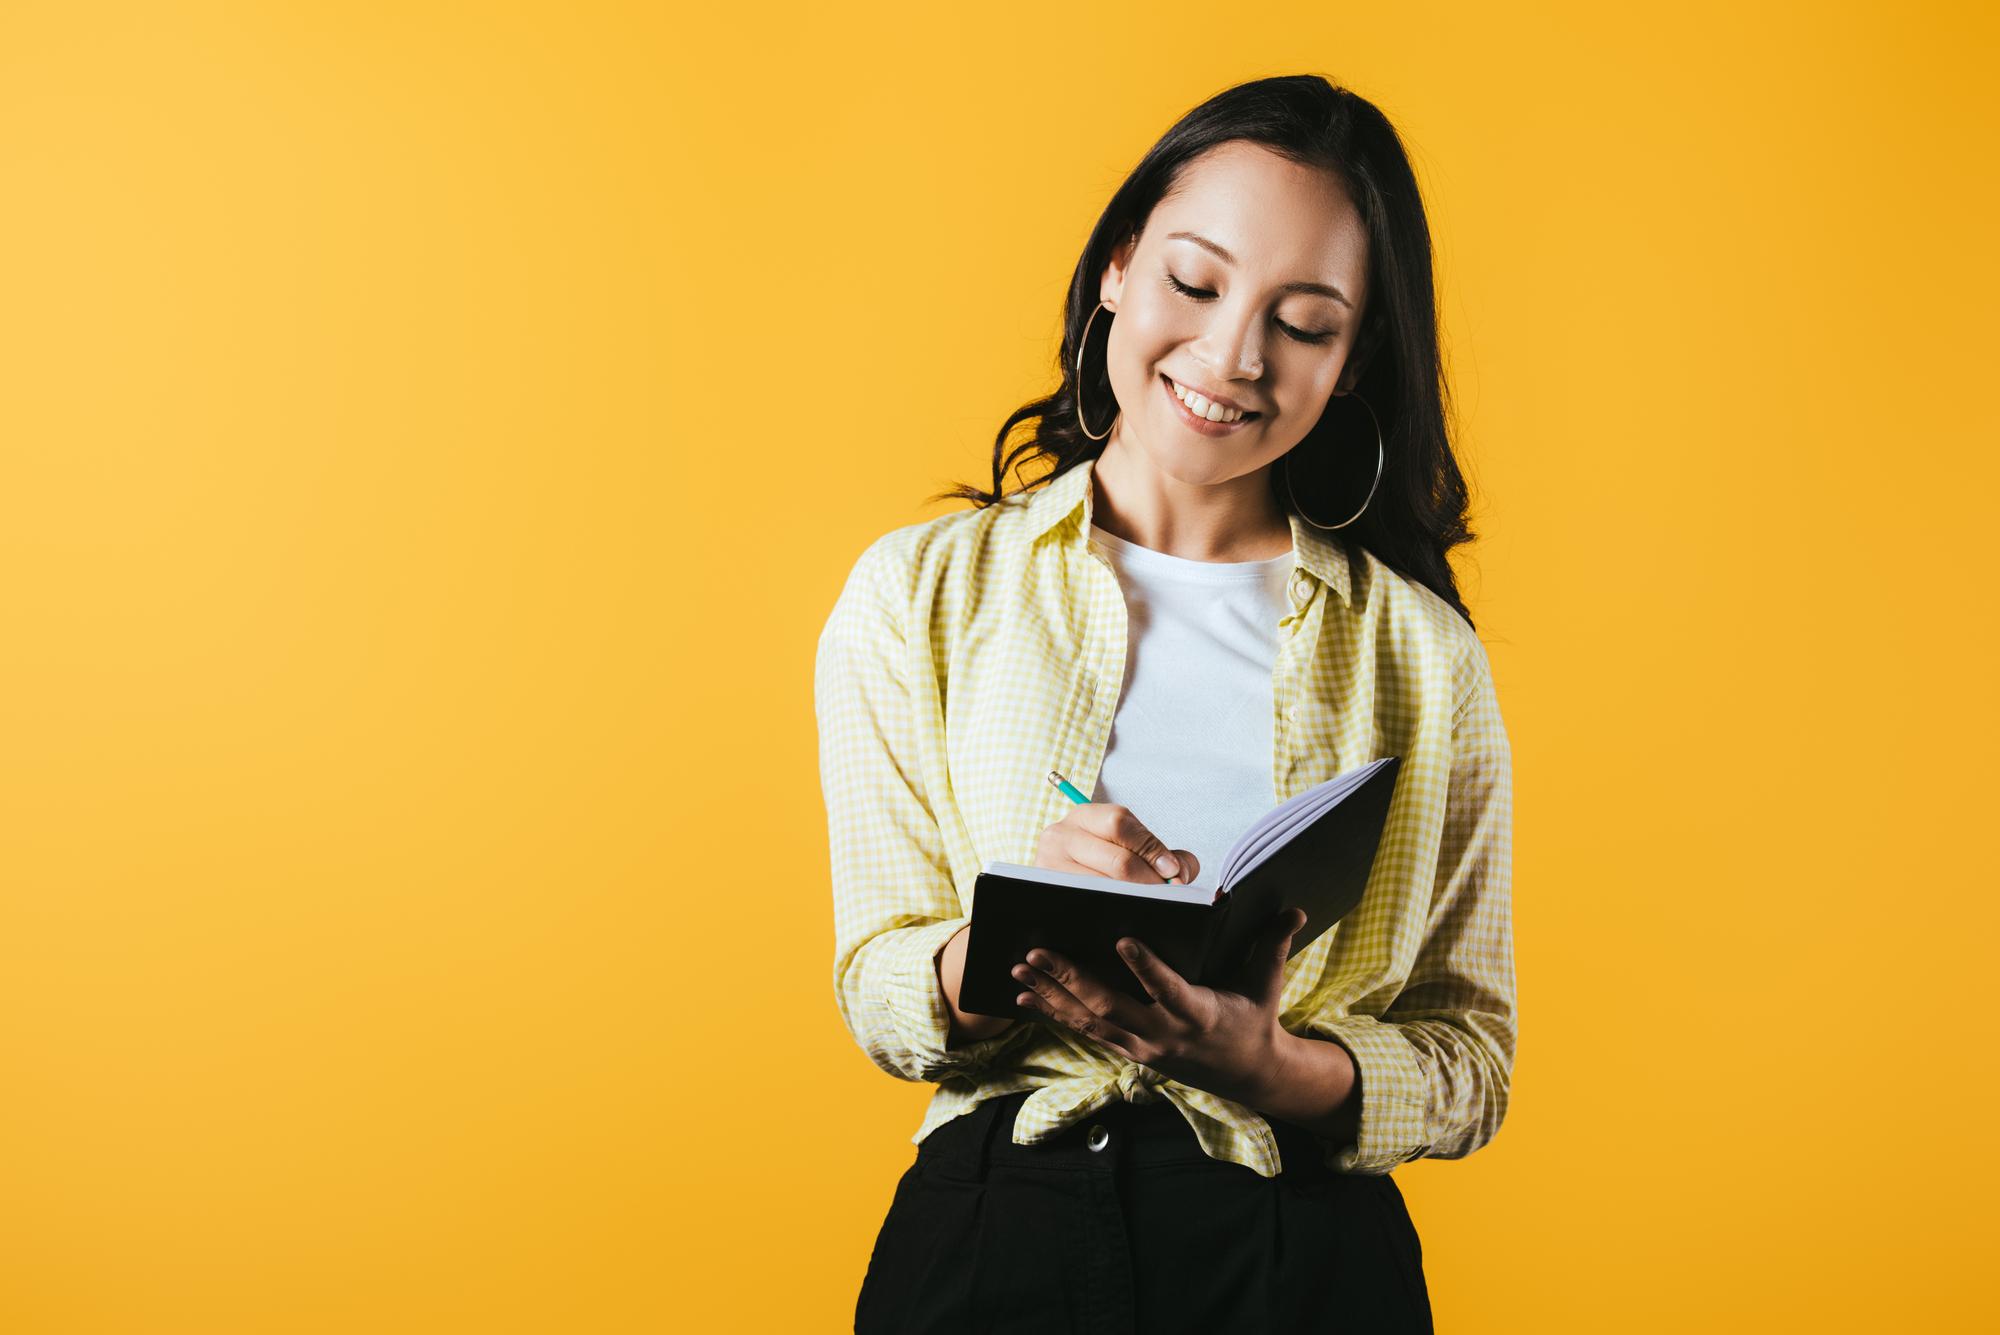 Cómo presentar un libro a una editorial de forma correcta